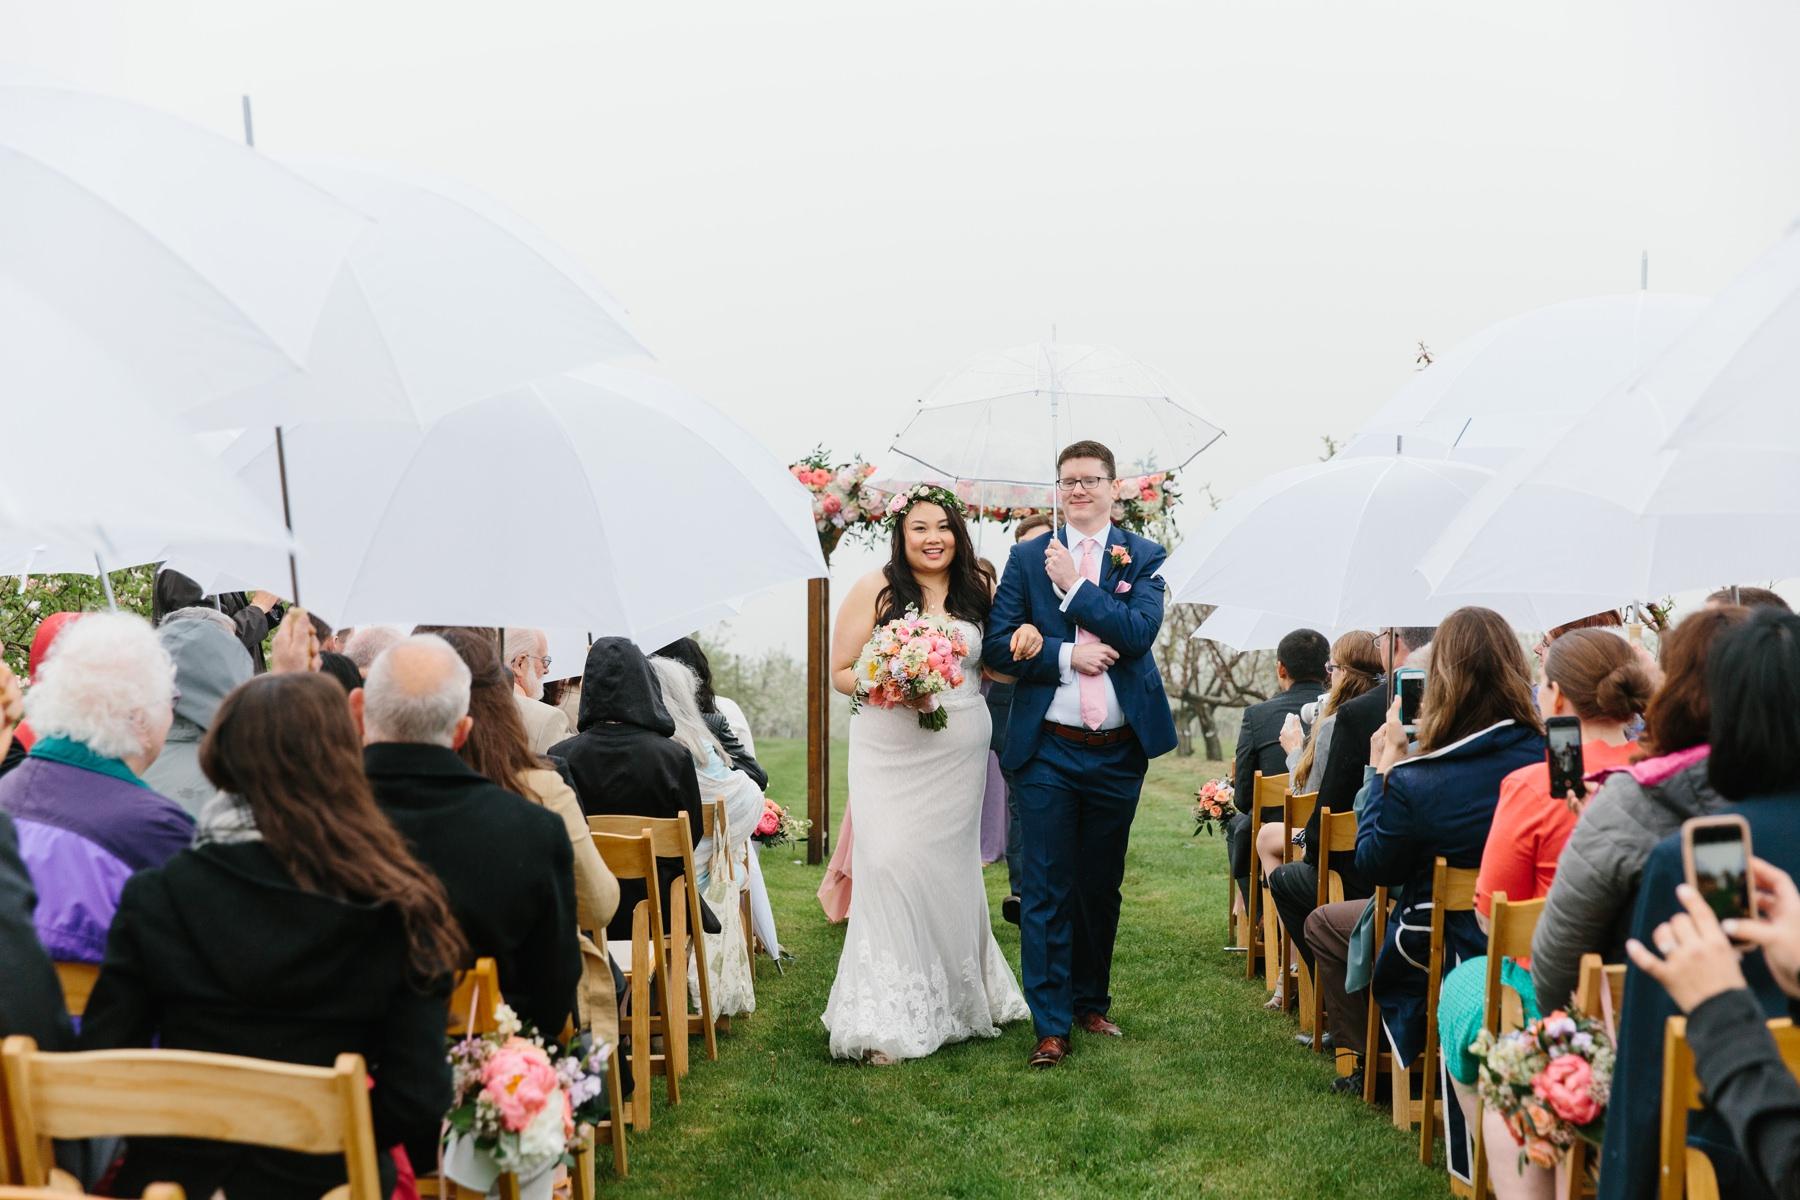 wedding ceremony in rain